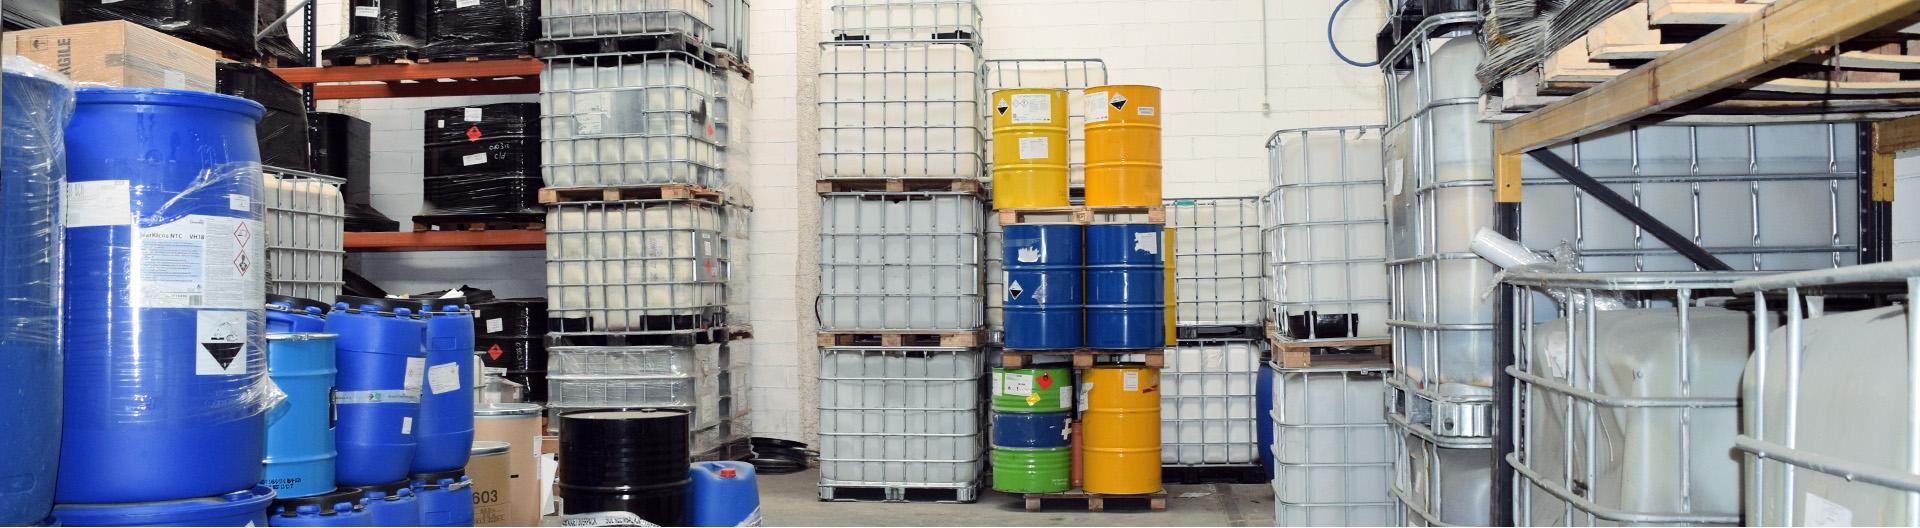 TRF Gestió de Residus: més de 20 anys d'experiència